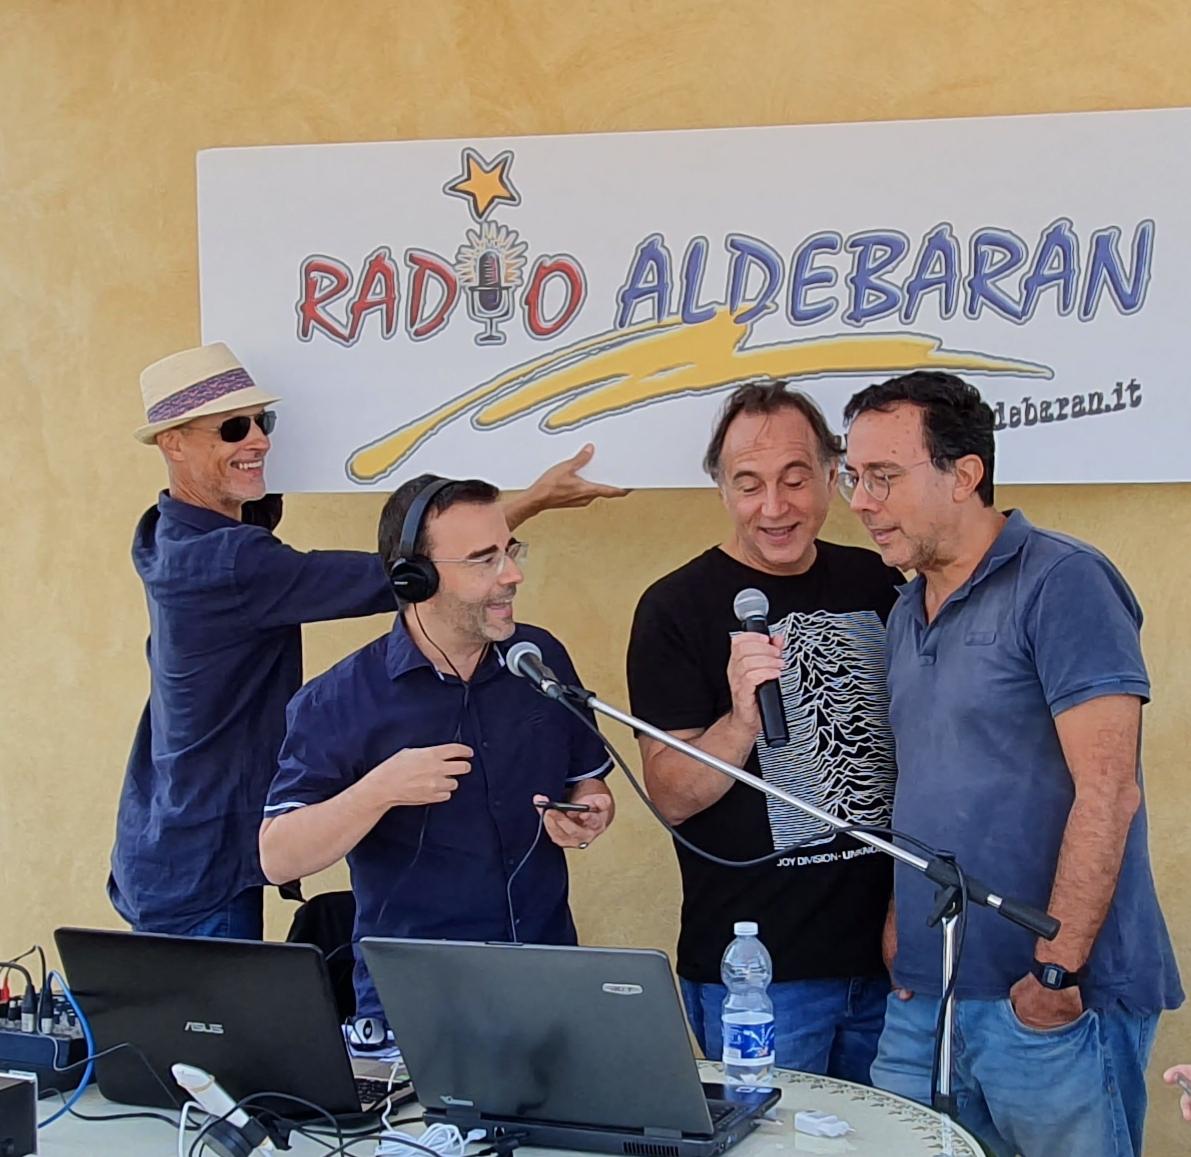 Aldebaran 2 - Radio locali. Liguria: Radio Aldebaran, punto di riferimento nel Levante, compie 40 anni e organizza una lunga serie di iniziative, con tutti i suoi conduttori negli anni